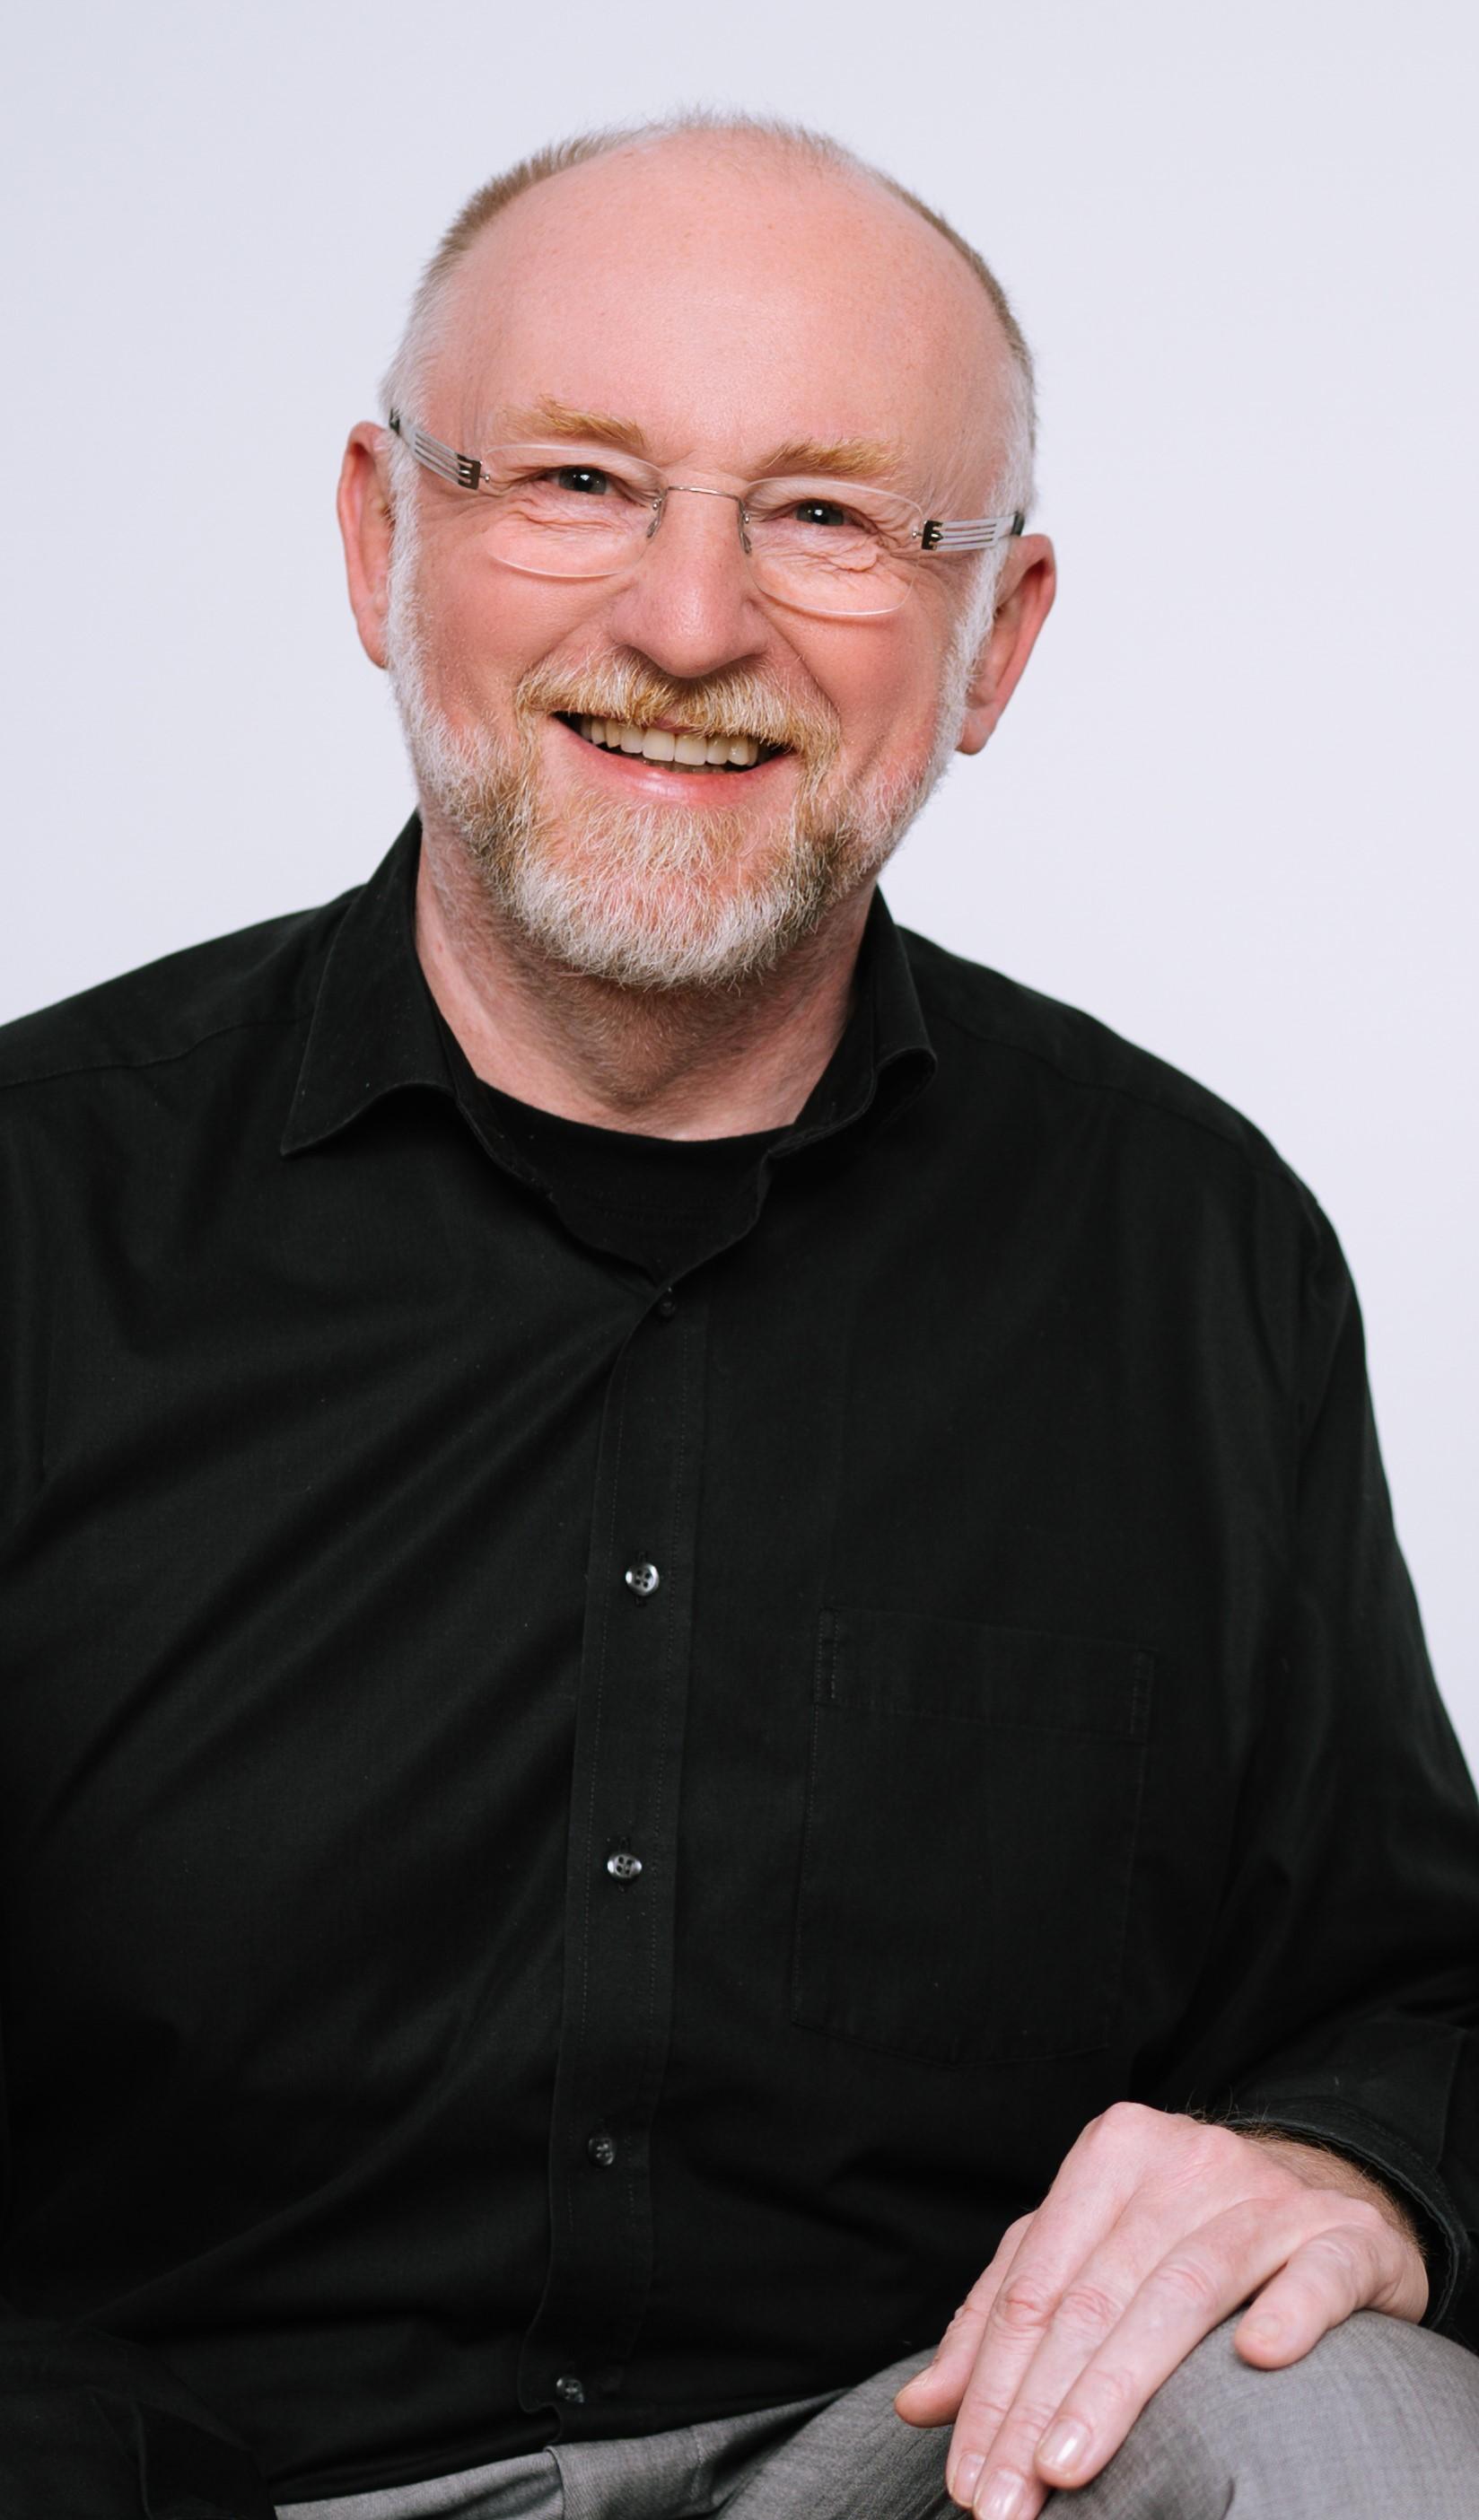 Dipl.-Kfm. Dr.phil. Ralph Schlieper-Damrich